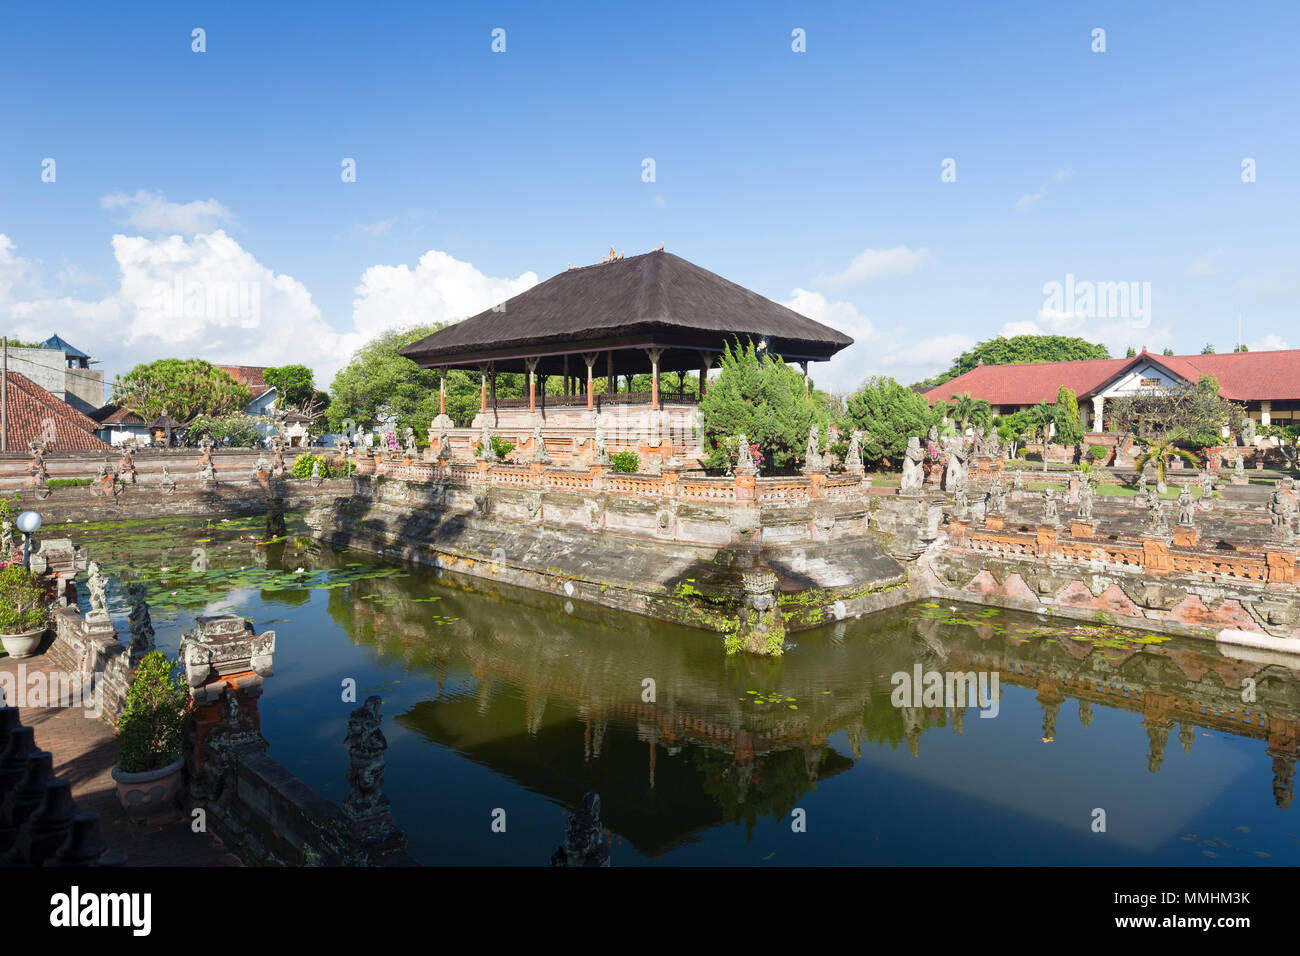 Taman Kertha Gosa floating pavilion or Bale kambang, Klungkung or Semarapura, Bali, Indonesia - Stock Image